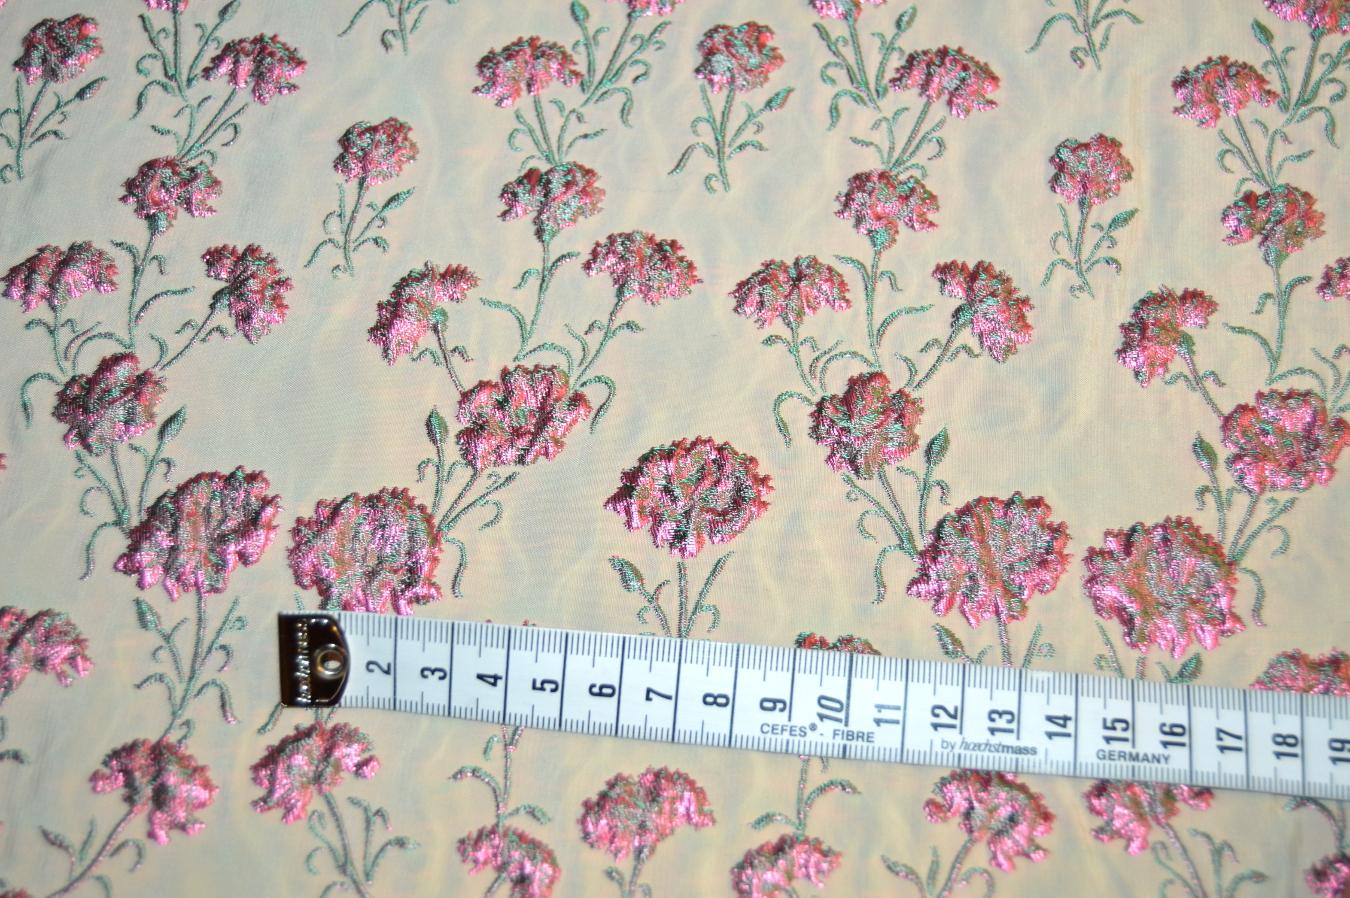 jacquard floralmotiv 318 607 7250. Black Bedroom Furniture Sets. Home Design Ideas